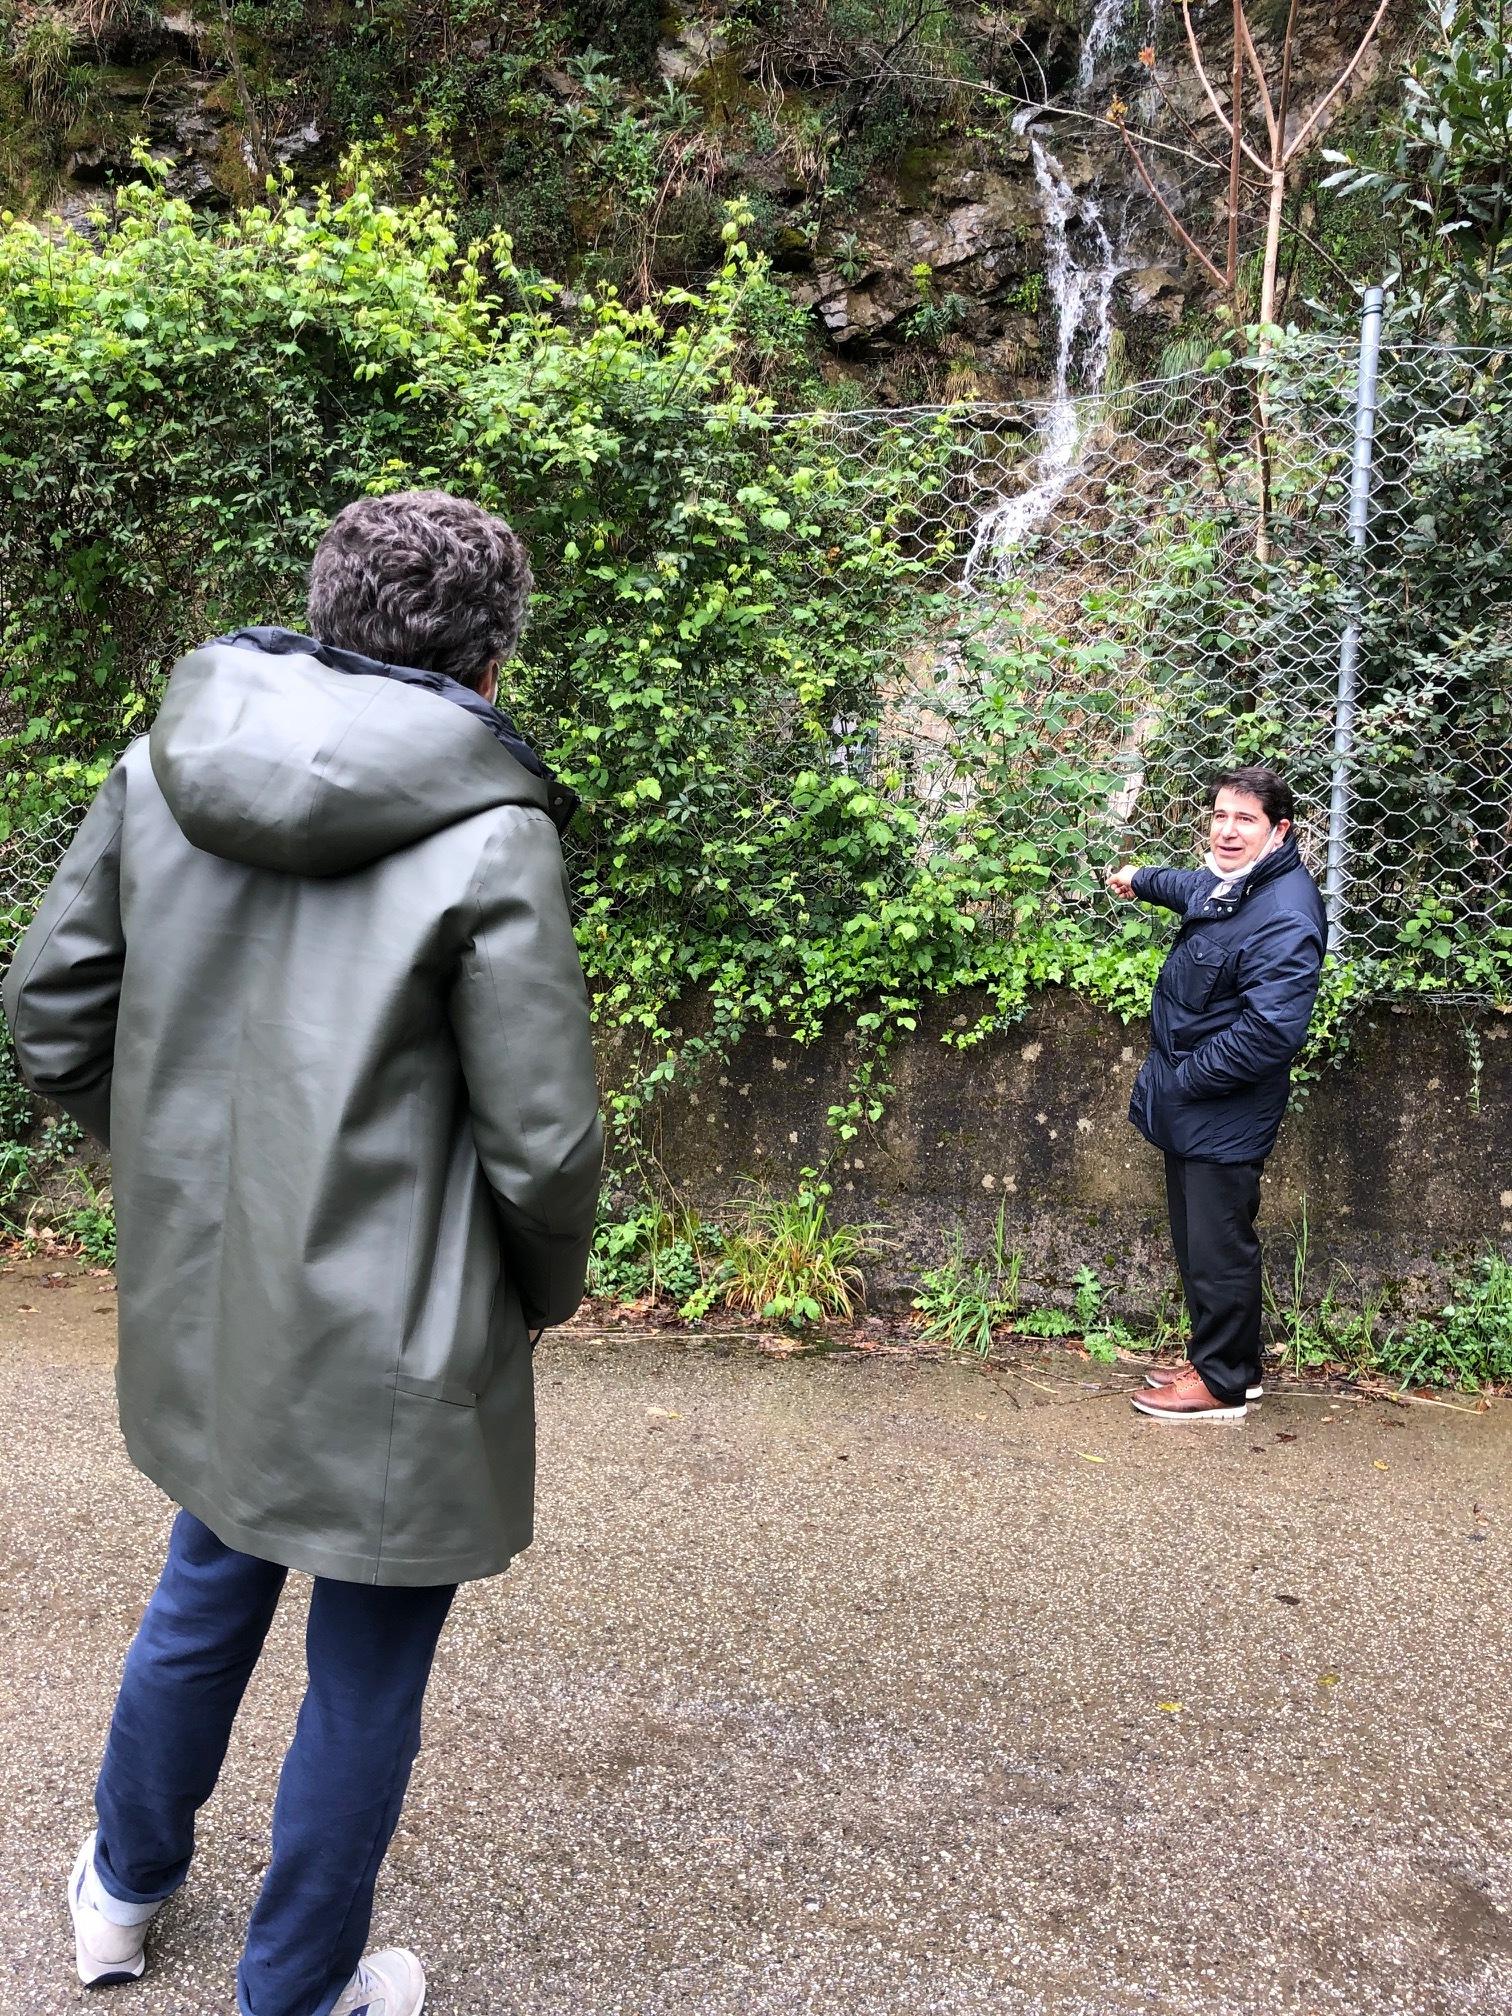 Rapallo: smottamenti nelle frazioni; in arrivo altra pioggia